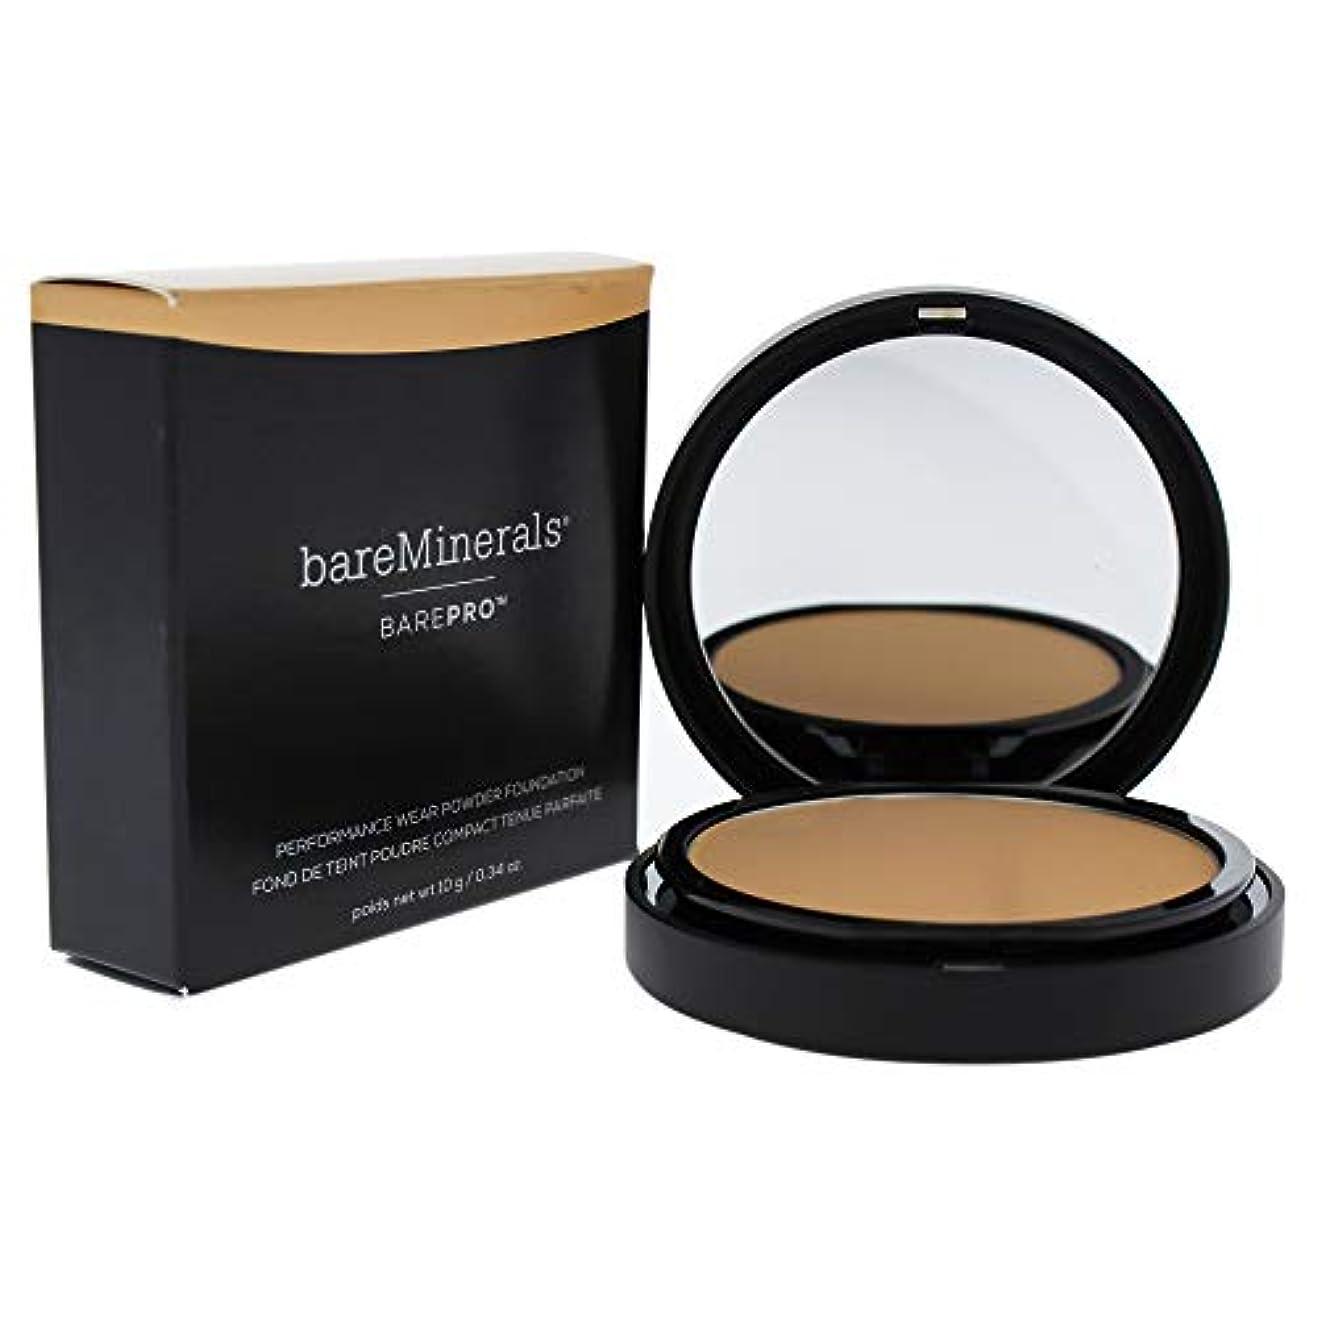 マカダムいっぱい偏心ベアミネラル BarePro Performance Wear Powder Foundation - # 13 Golden Nude 10g/0.34oz並行輸入品